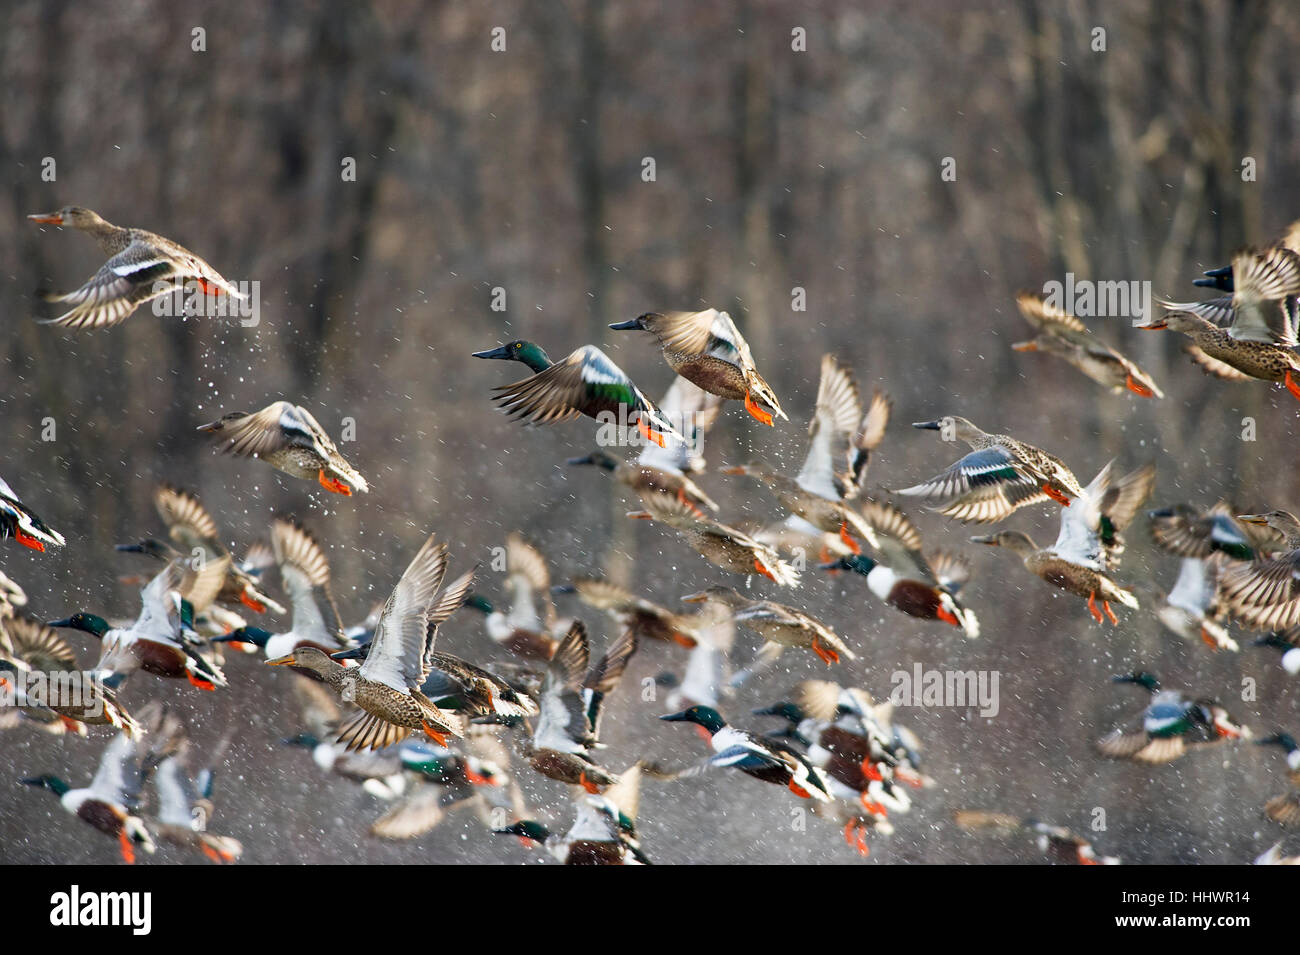 Una gran bandada de patos Cuchareta Norte despegar rápidamente fuera del agua creando un montón de salpicaduras. Imagen De Stock